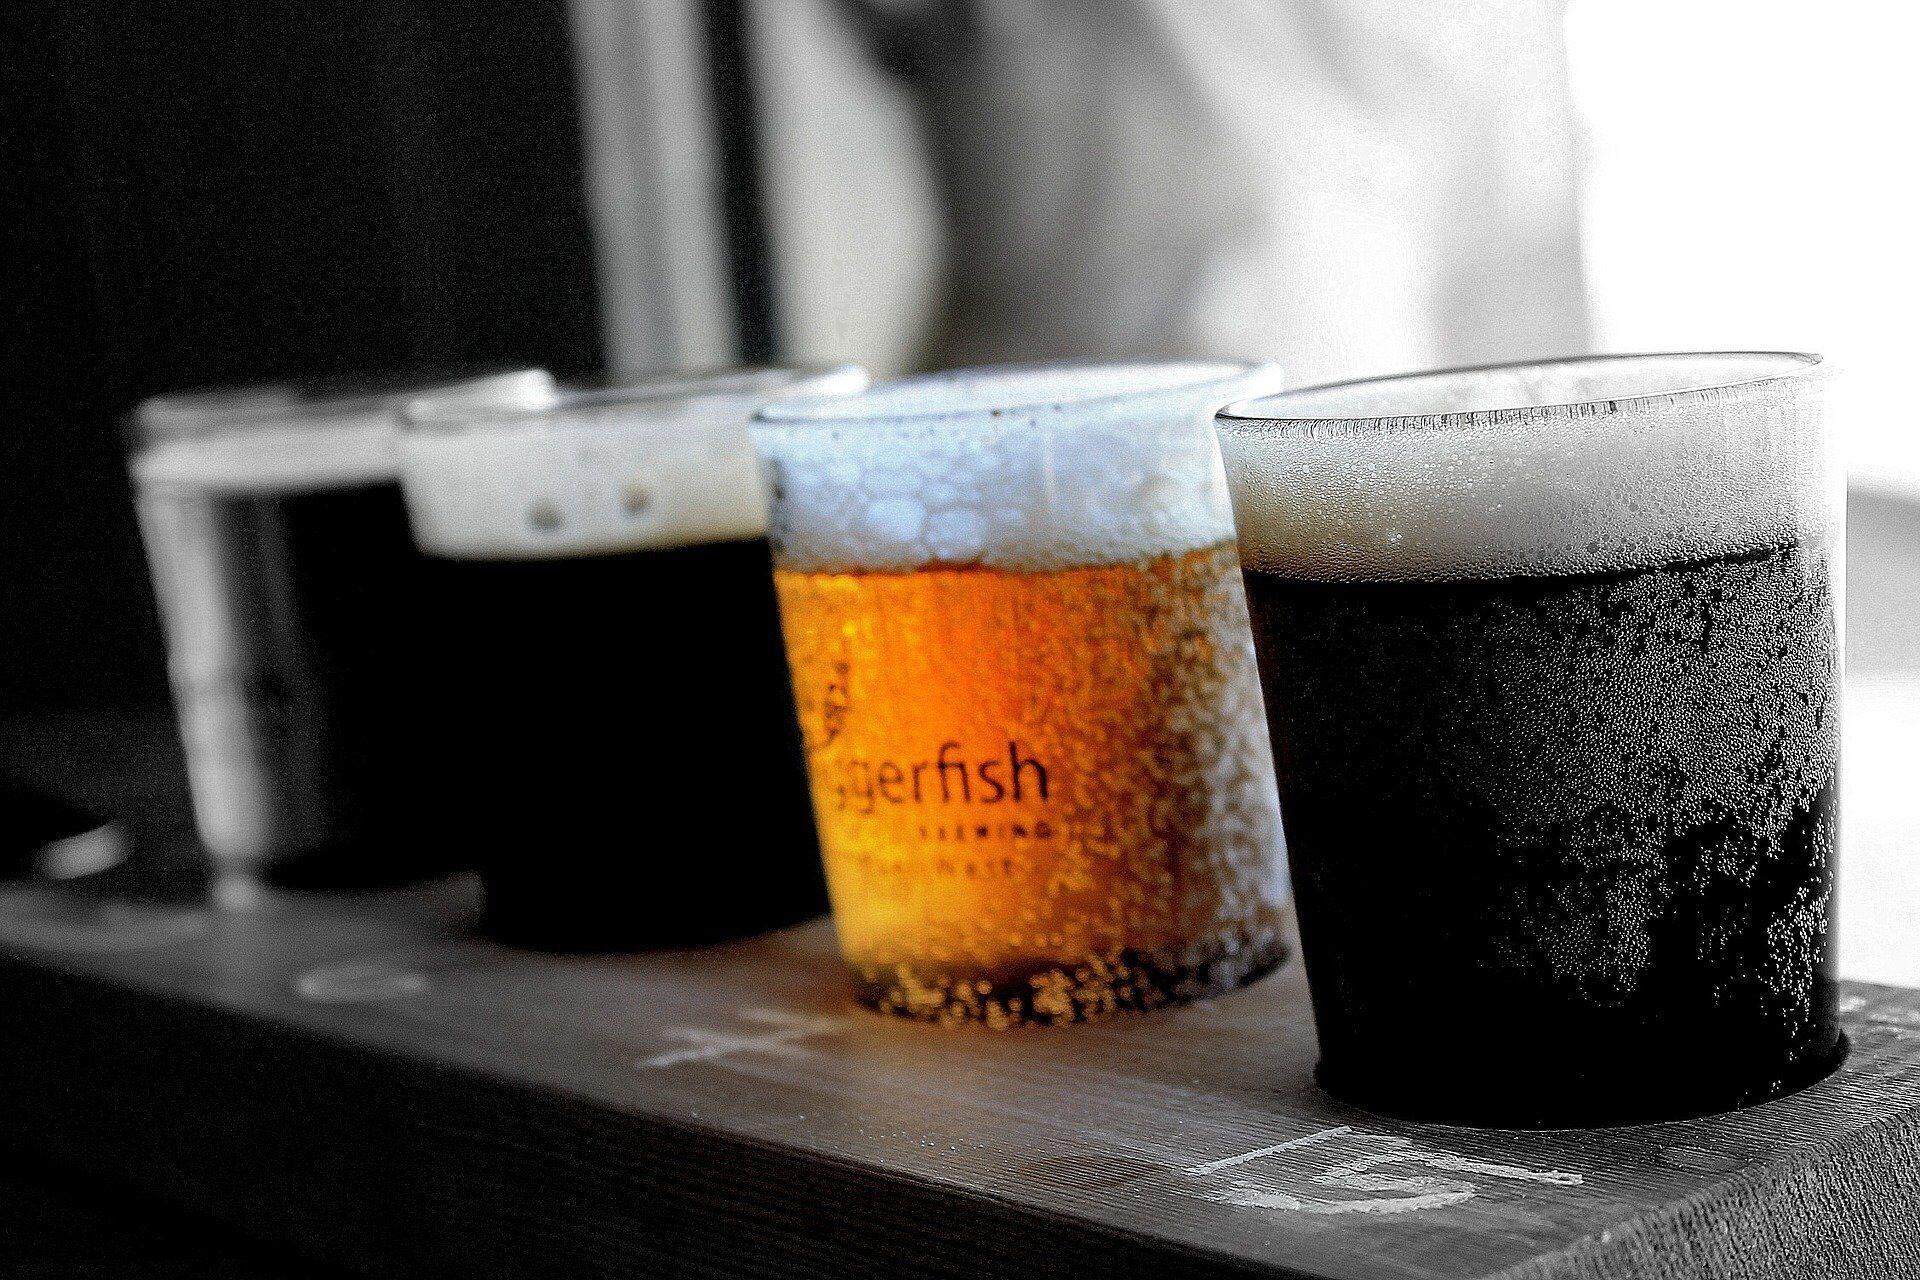 Від слабоалкогольних напоїв також краще відмовитися